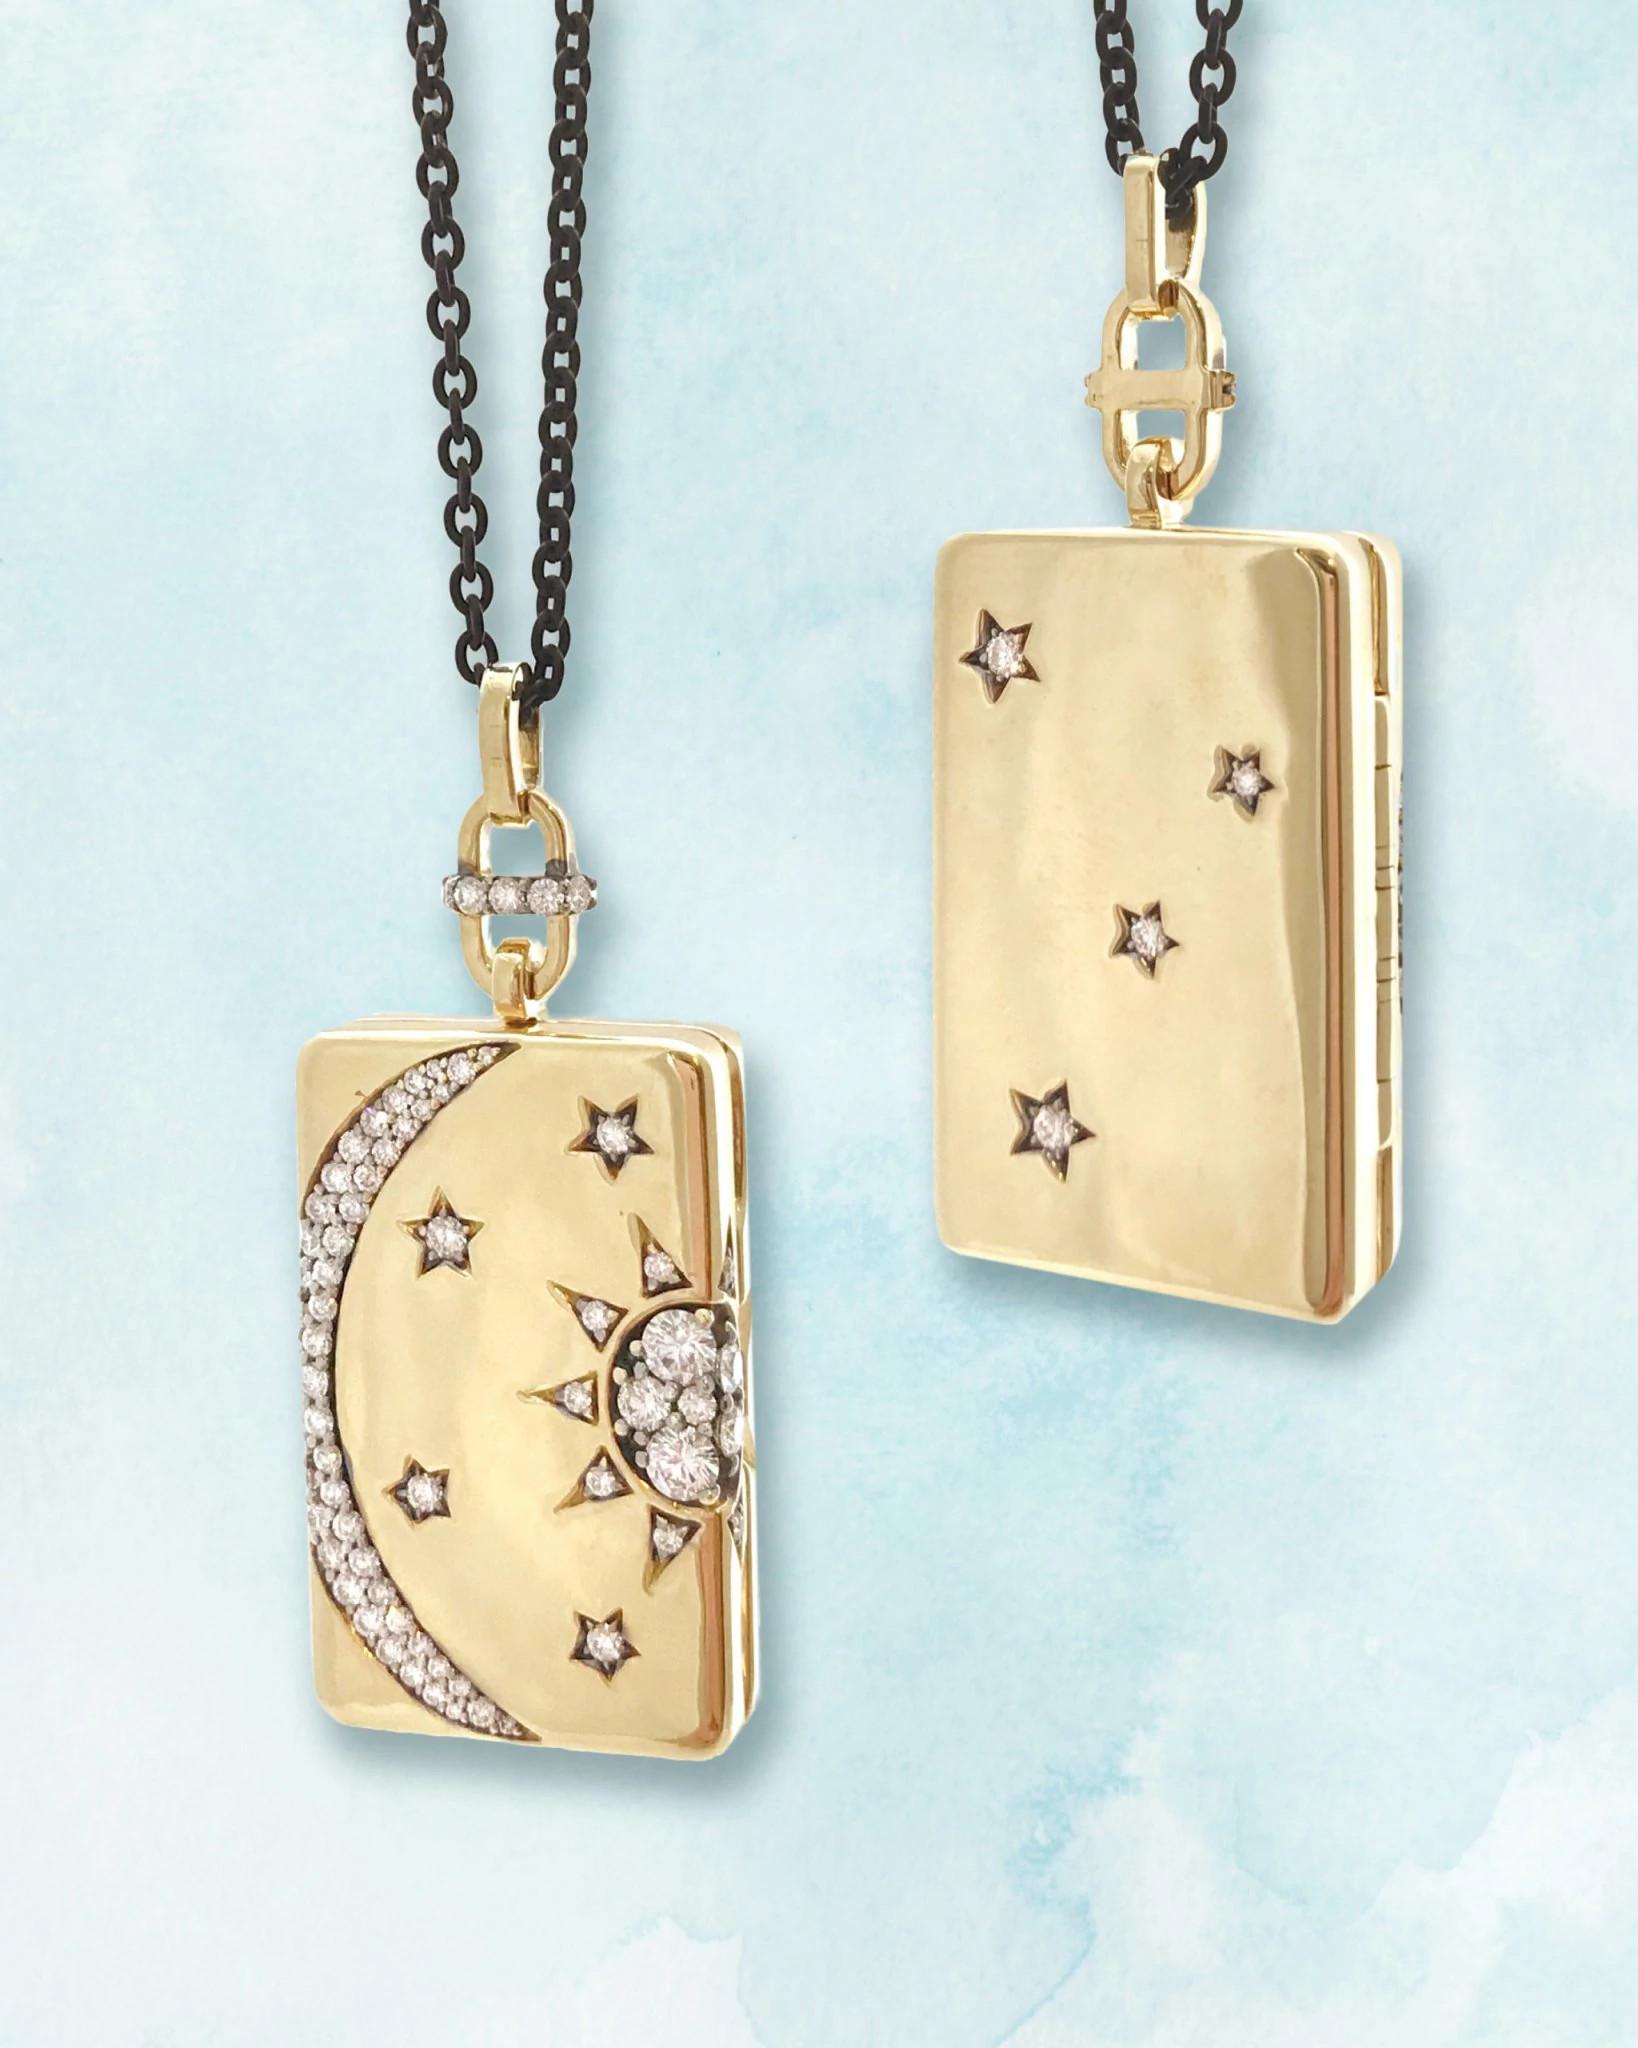 莫妮卡·里奇·科桑设计的天然钻石饰品